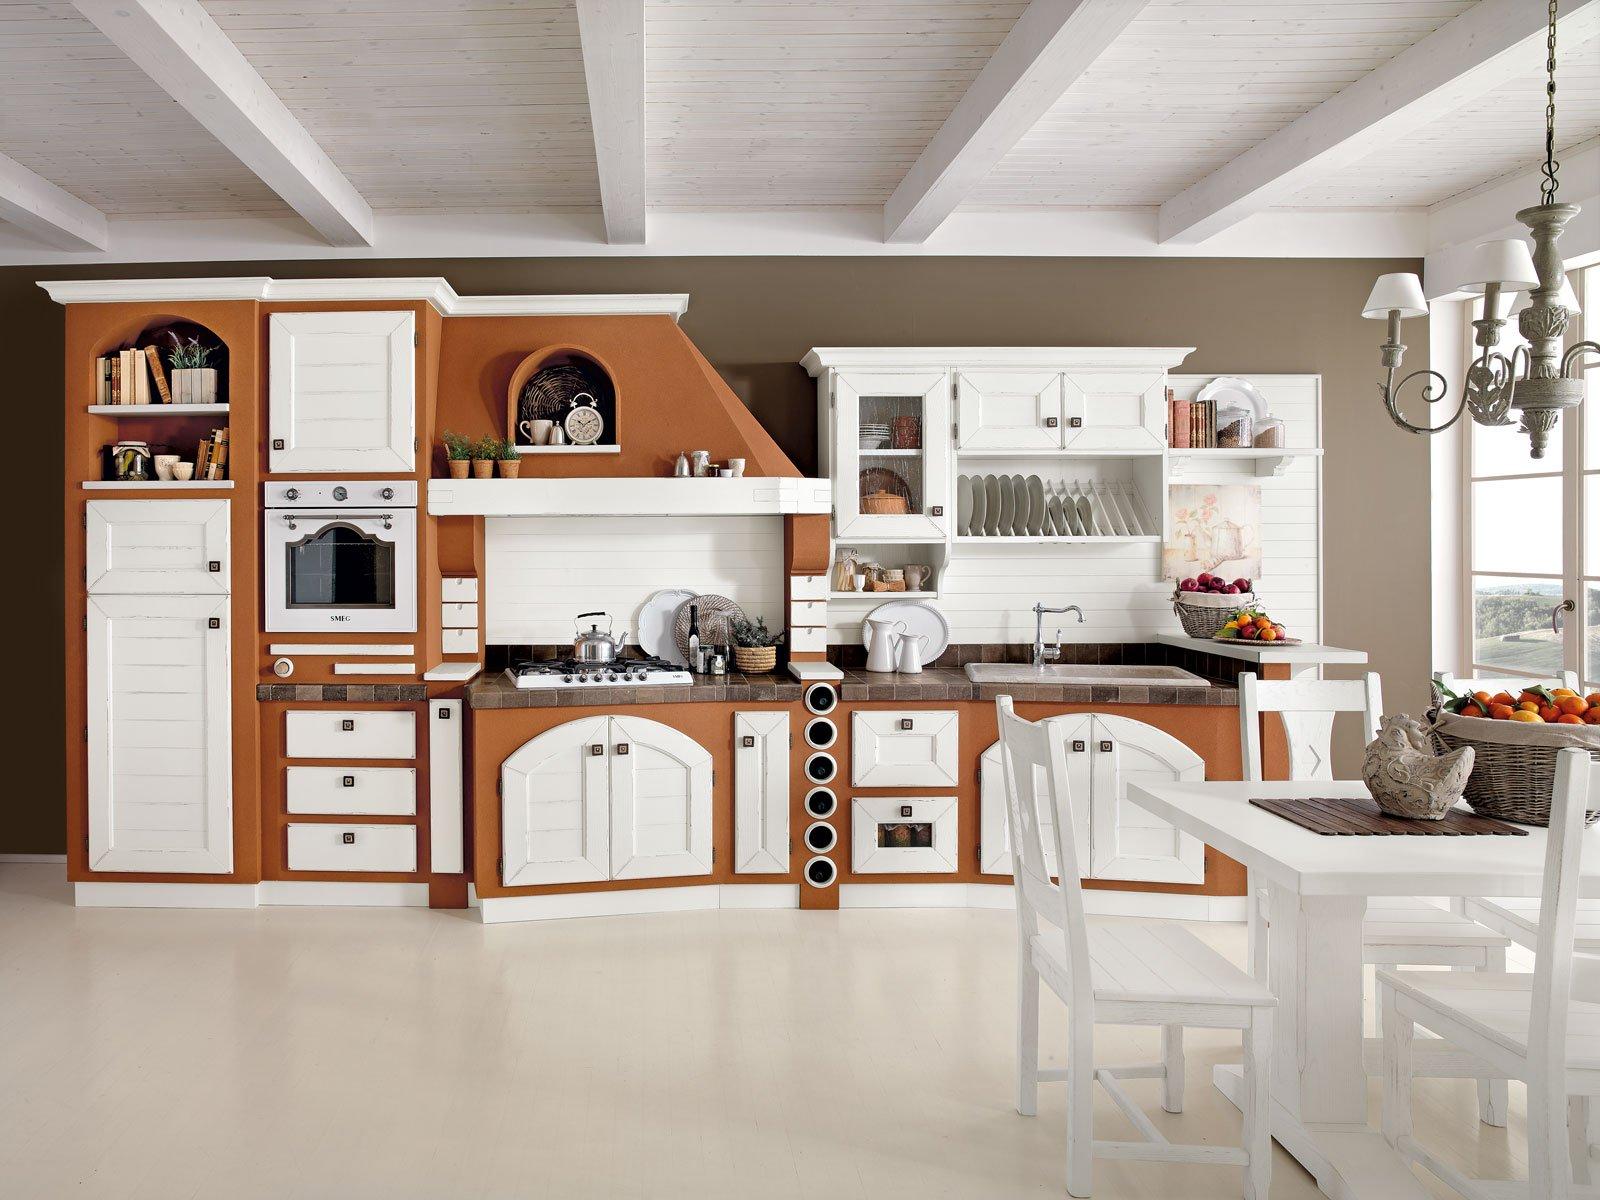 Luisa Di Lube è Una Cucina Con Ante A Telaio In Massello Di Frassino  #B74314 1600 1200 Pensili E Basi Cucina Ikea